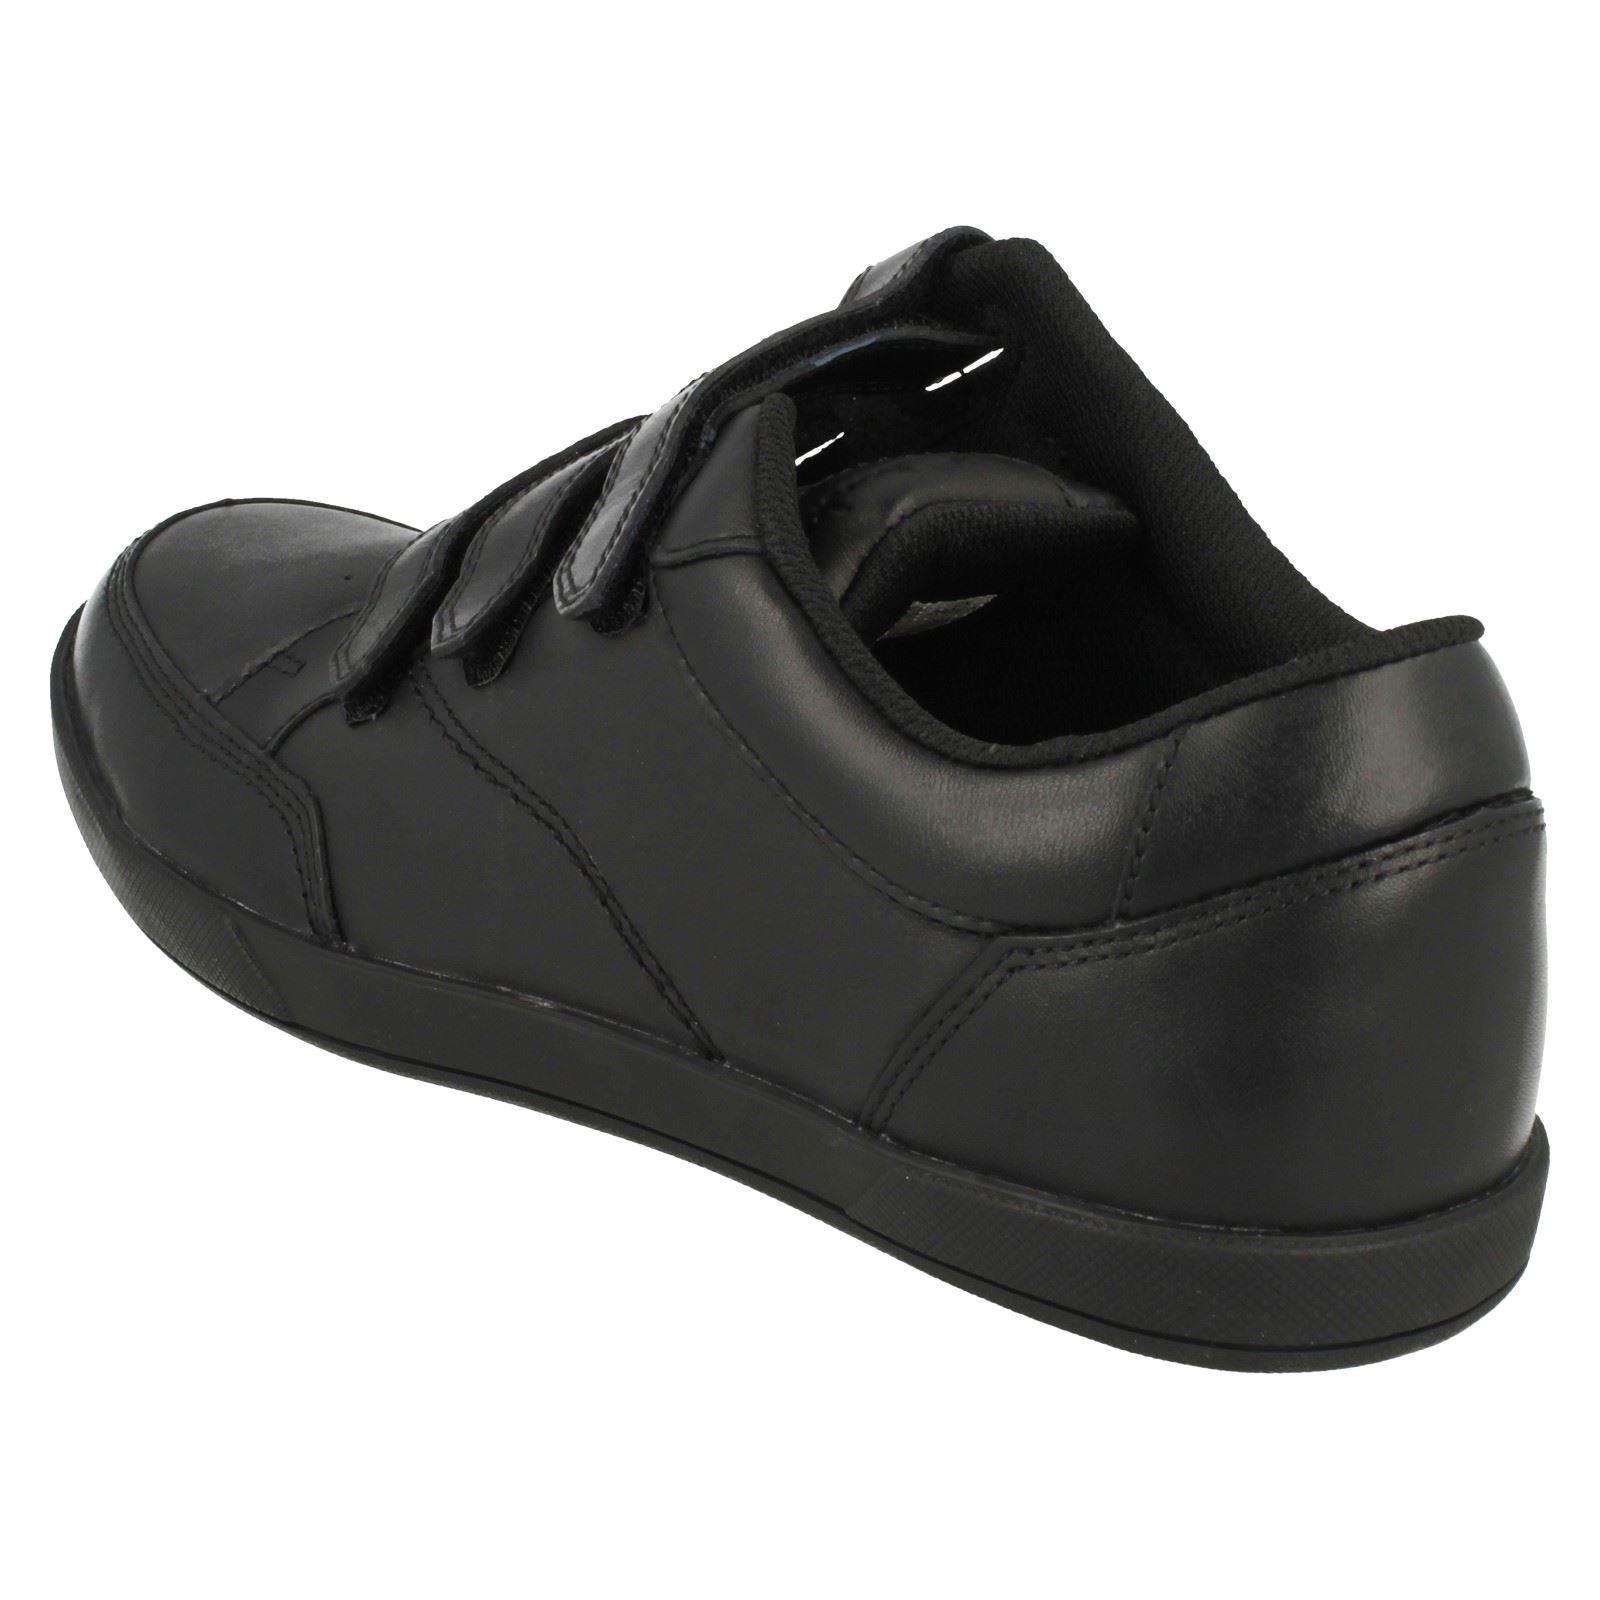 negro para Spin formal Frontside hombre Calzado Clarks gYxRw